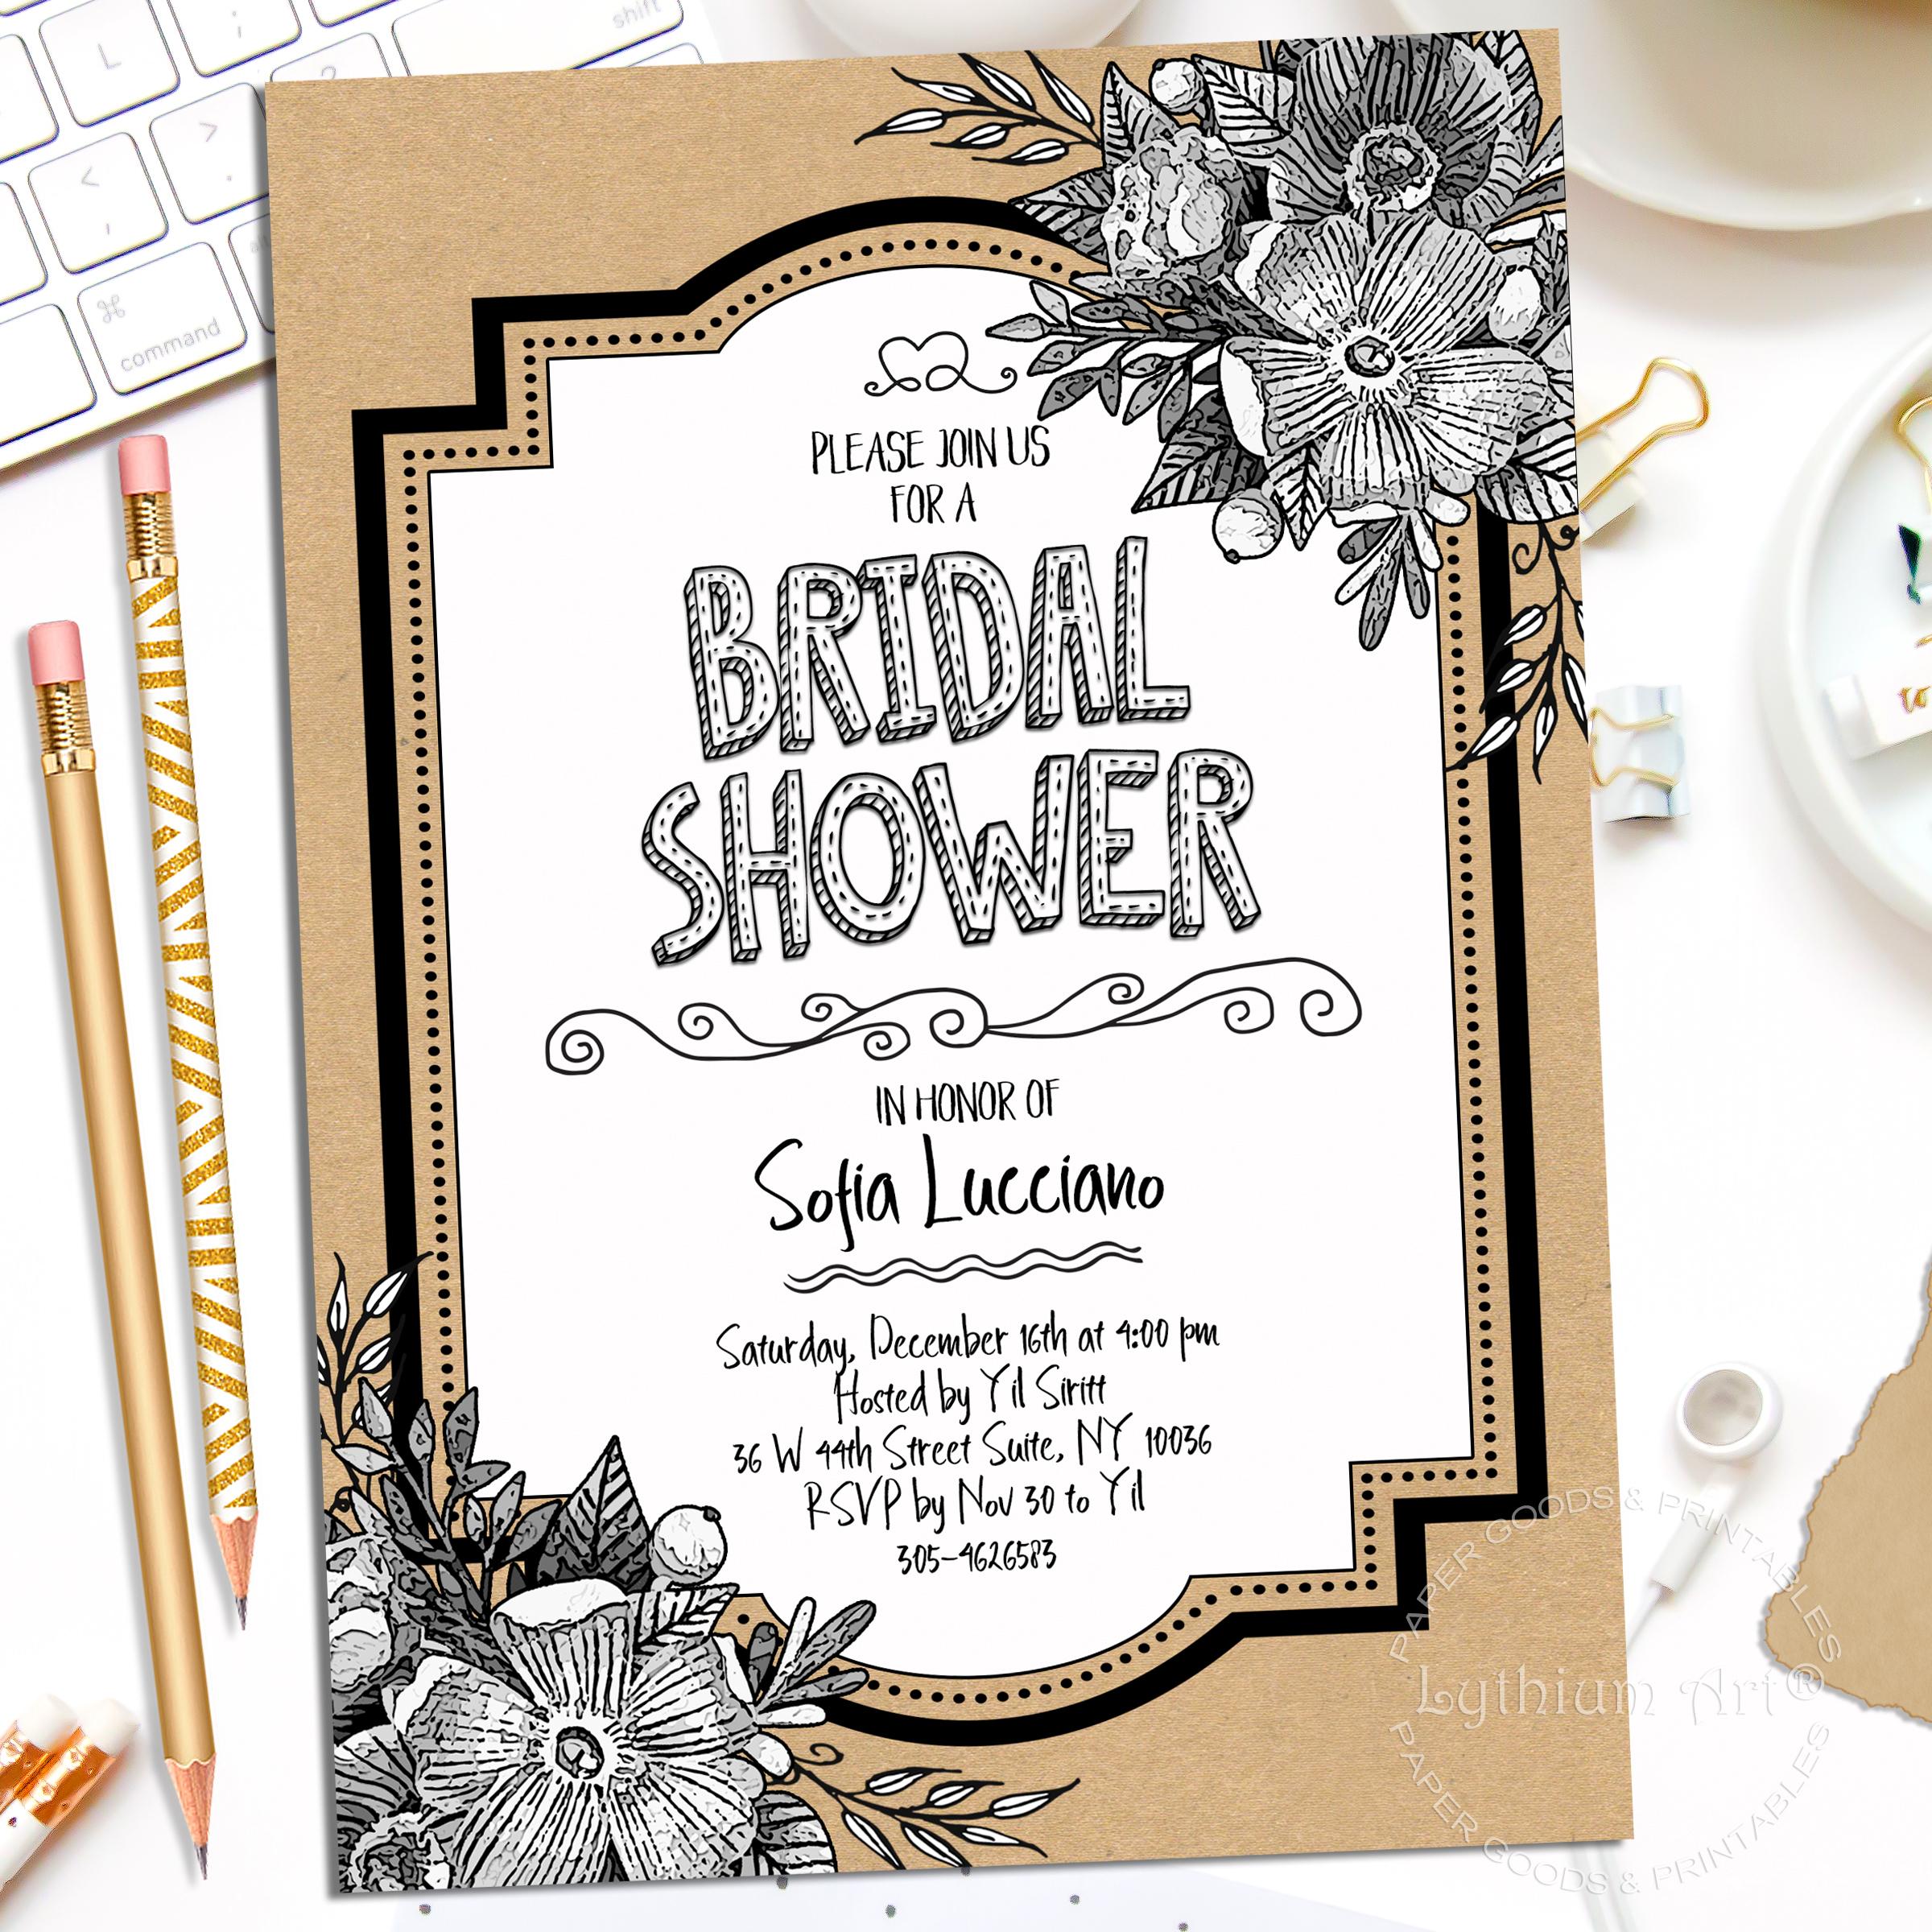 image regarding Bridal Shower Printable Invitations titled BRIDAL SHOWER INVITATION, Bridal Shower Electronic Invitation, Bridal Shower Invite, Bridal Shower Printable Invitation,Bridal Shower Printable